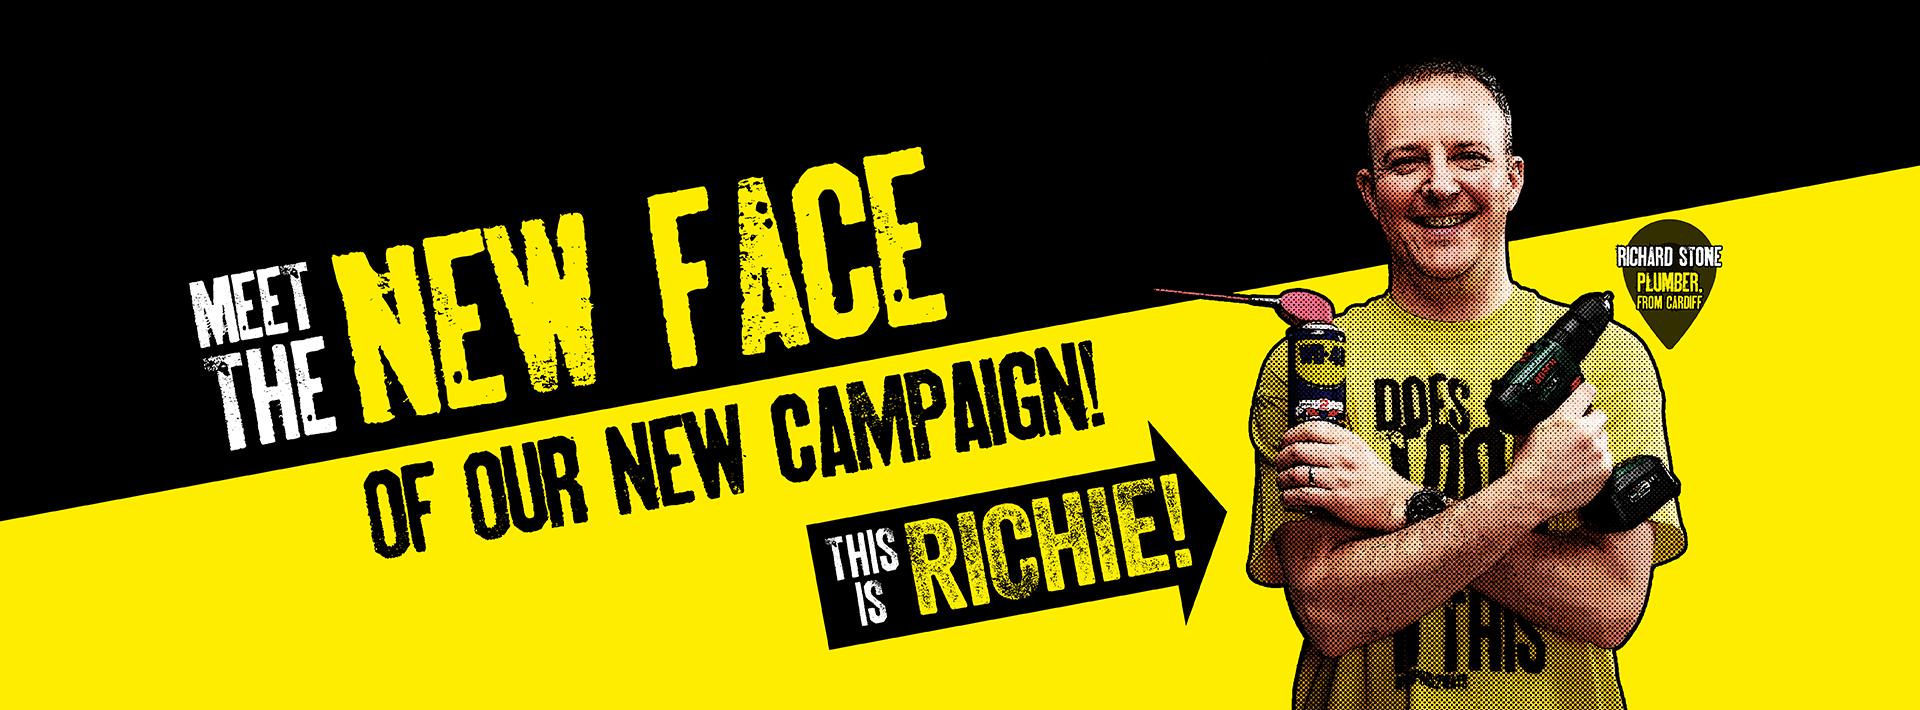 DBAT NEW FACE